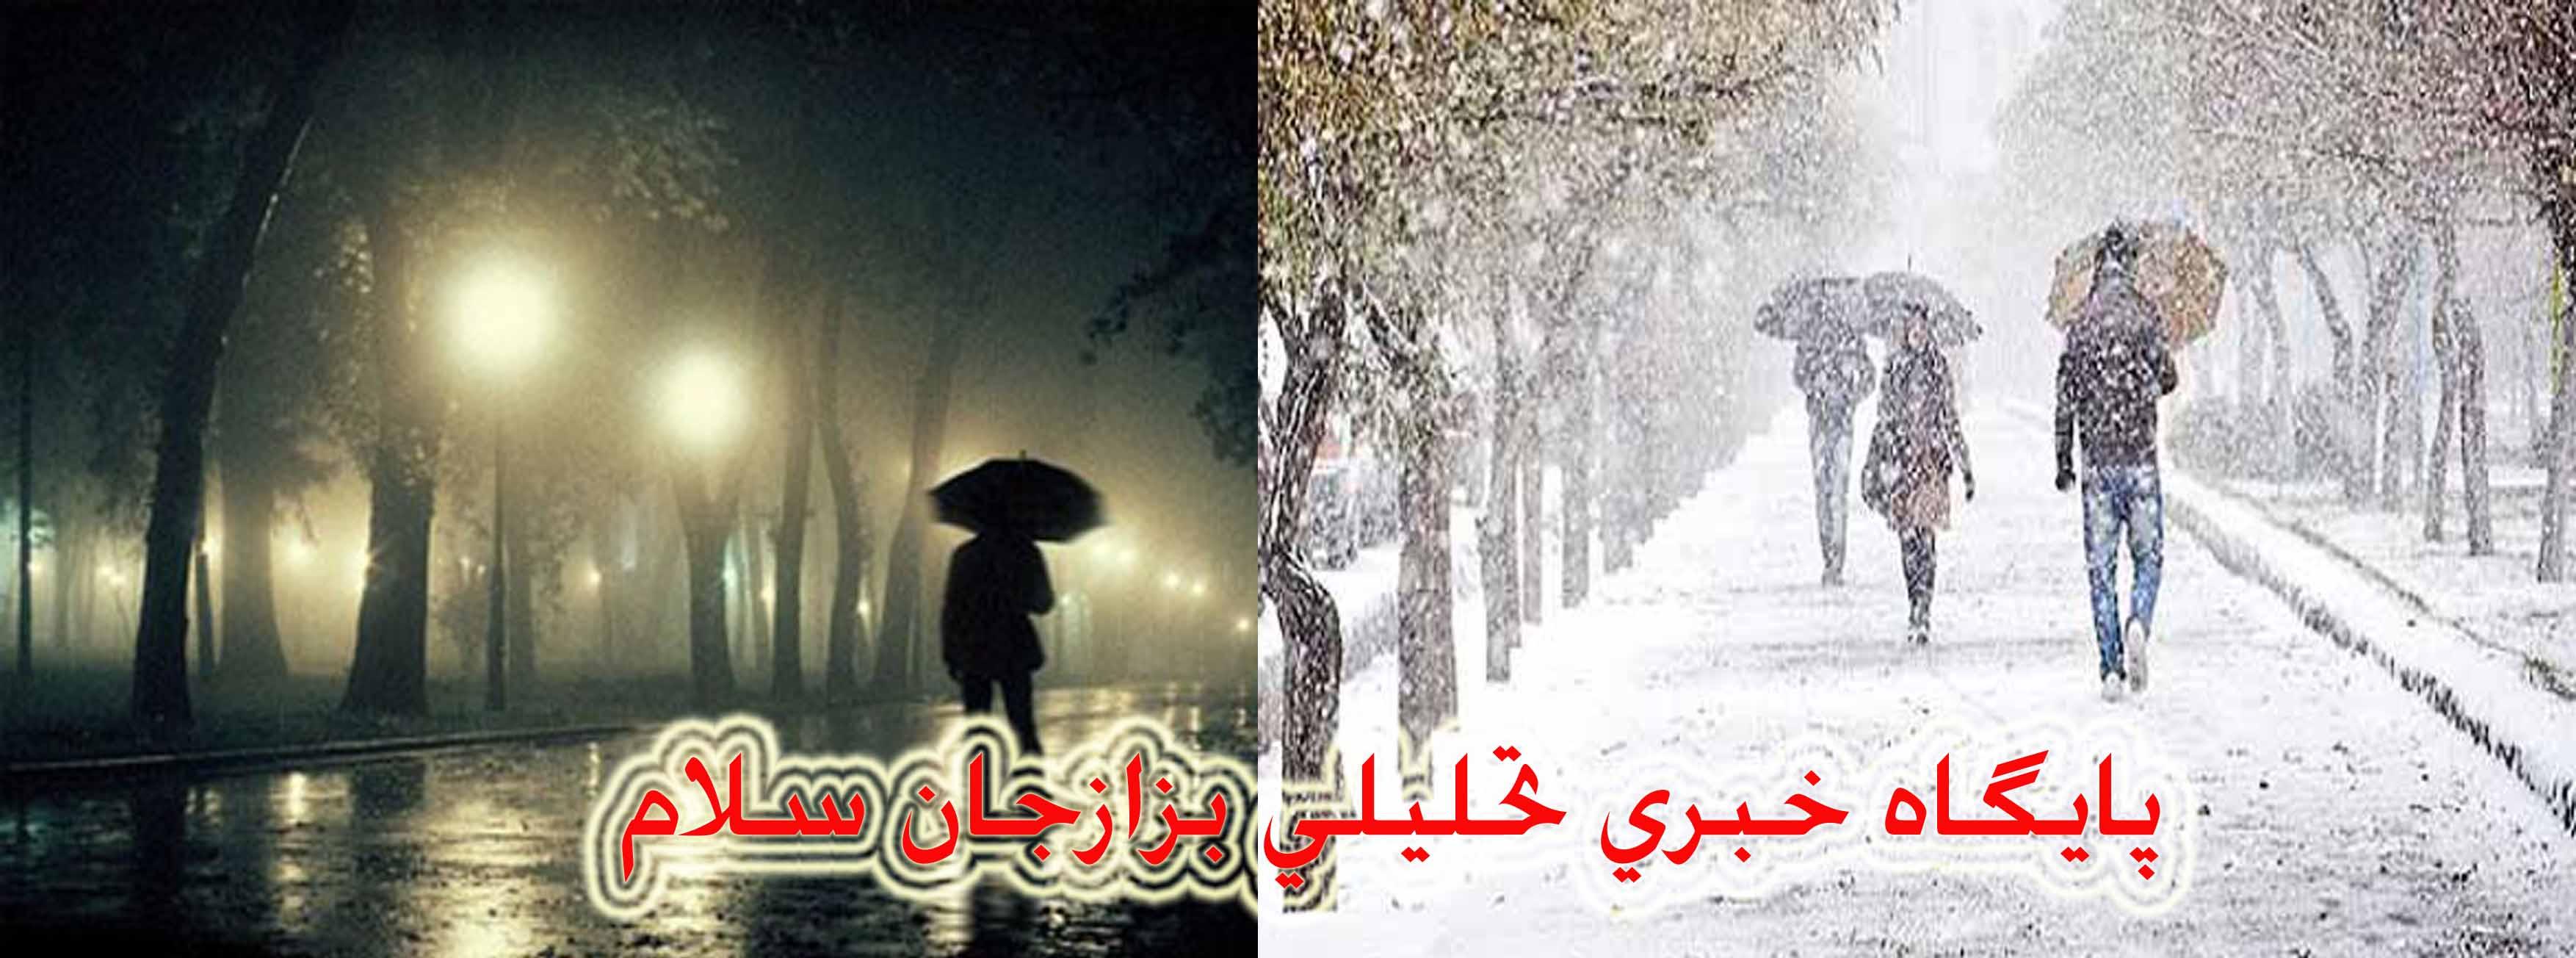 آسمان ایران برفی و بارانی میشود.